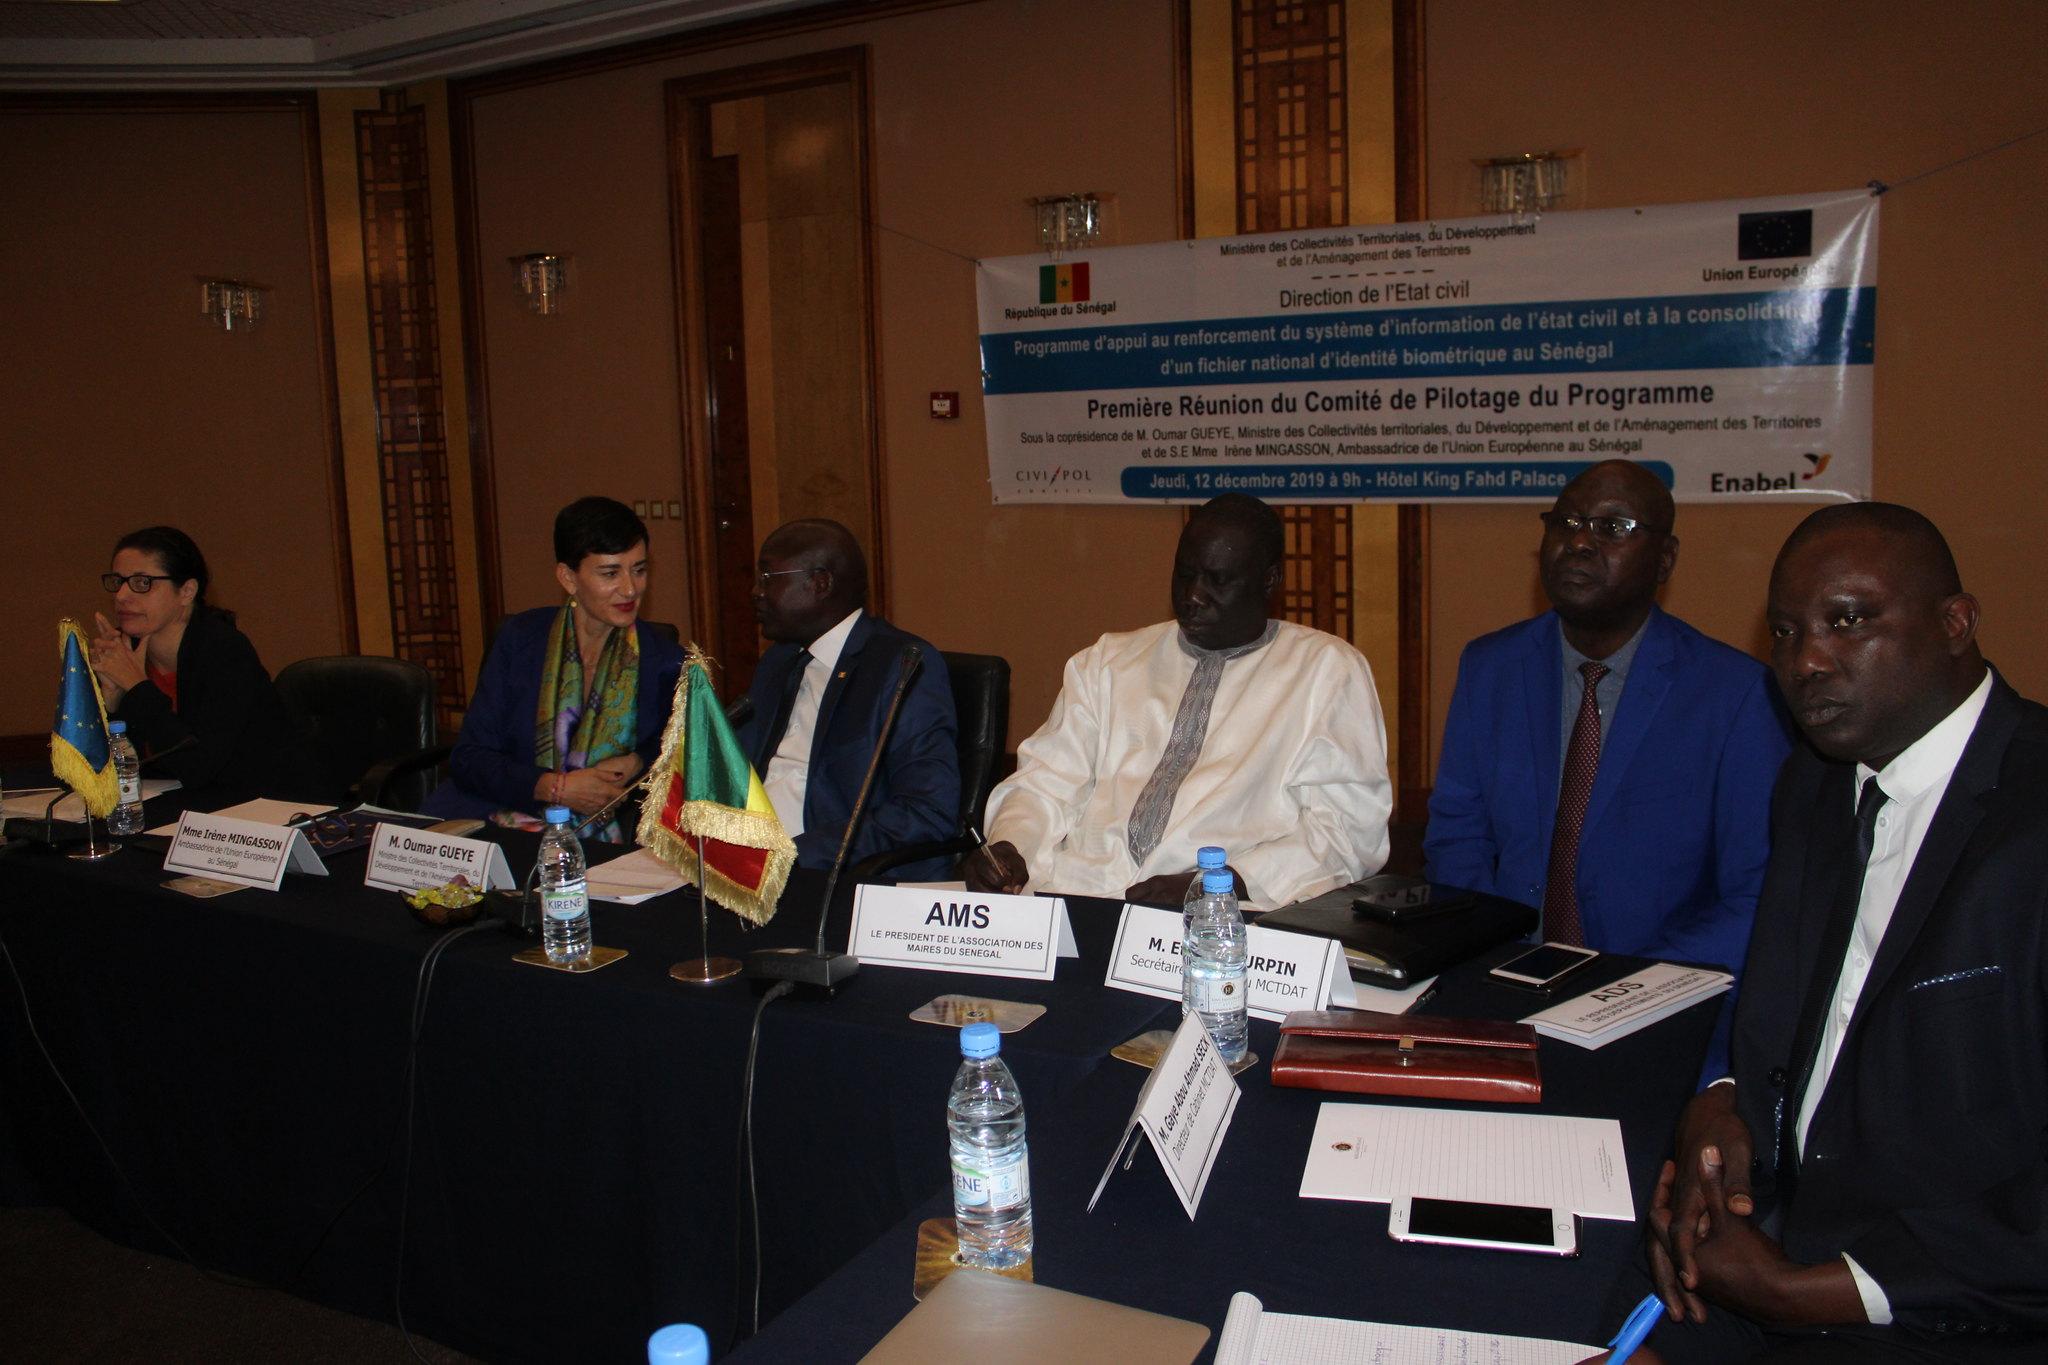 Programme Direction Etat Civil, Modernisation de l'Etat Civil au Sénégal, Aliou Ousmane Sall Directeur de l'Etat Civil Sénégal (10)